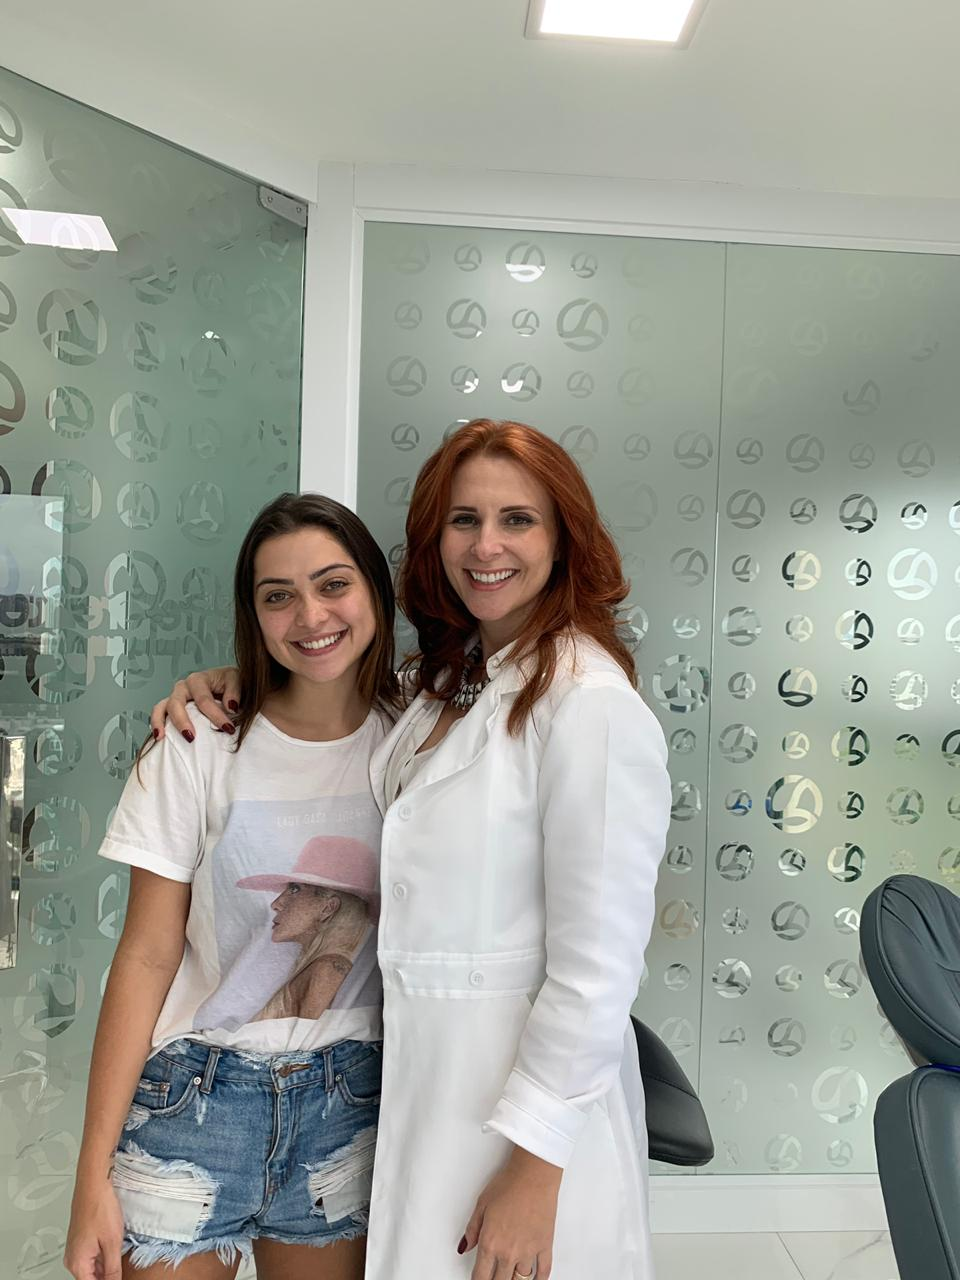 Após dores de cabeça e na mandíbula, Polliana Aleixo realiza tratamento em clínica